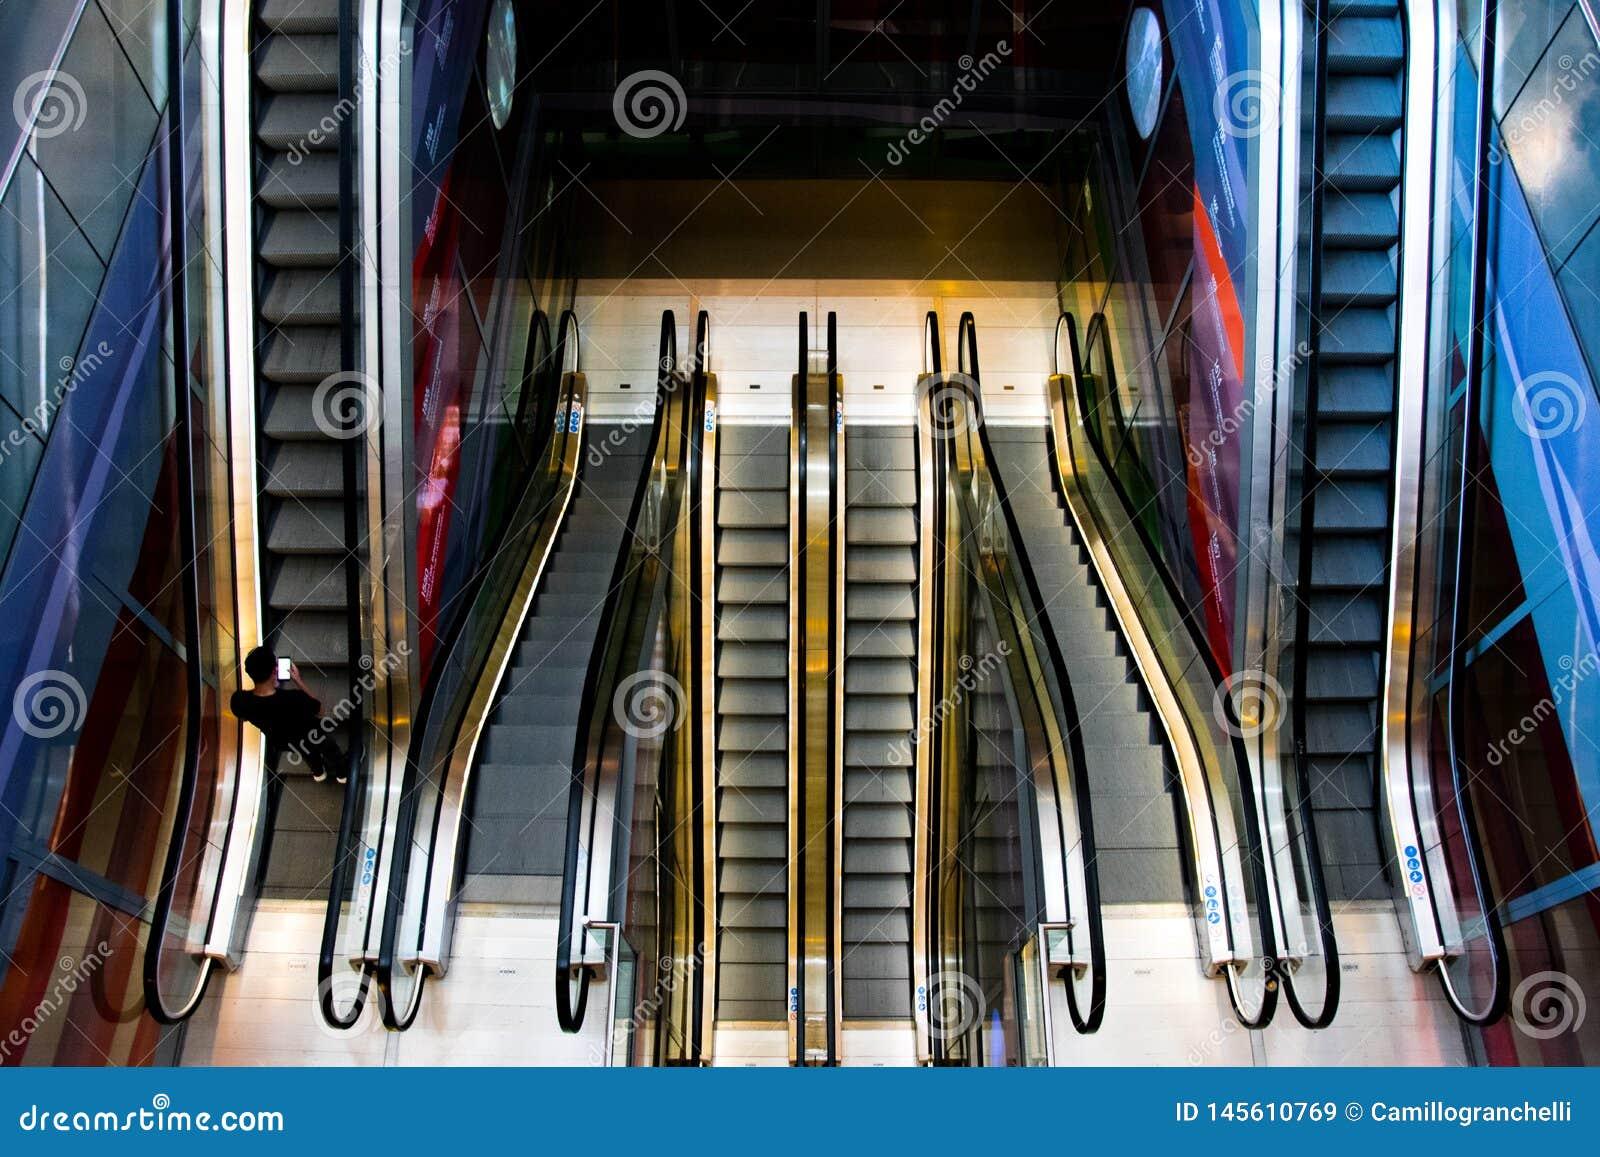 Escaleras móviles iluminadas y coloreadas en una alameda